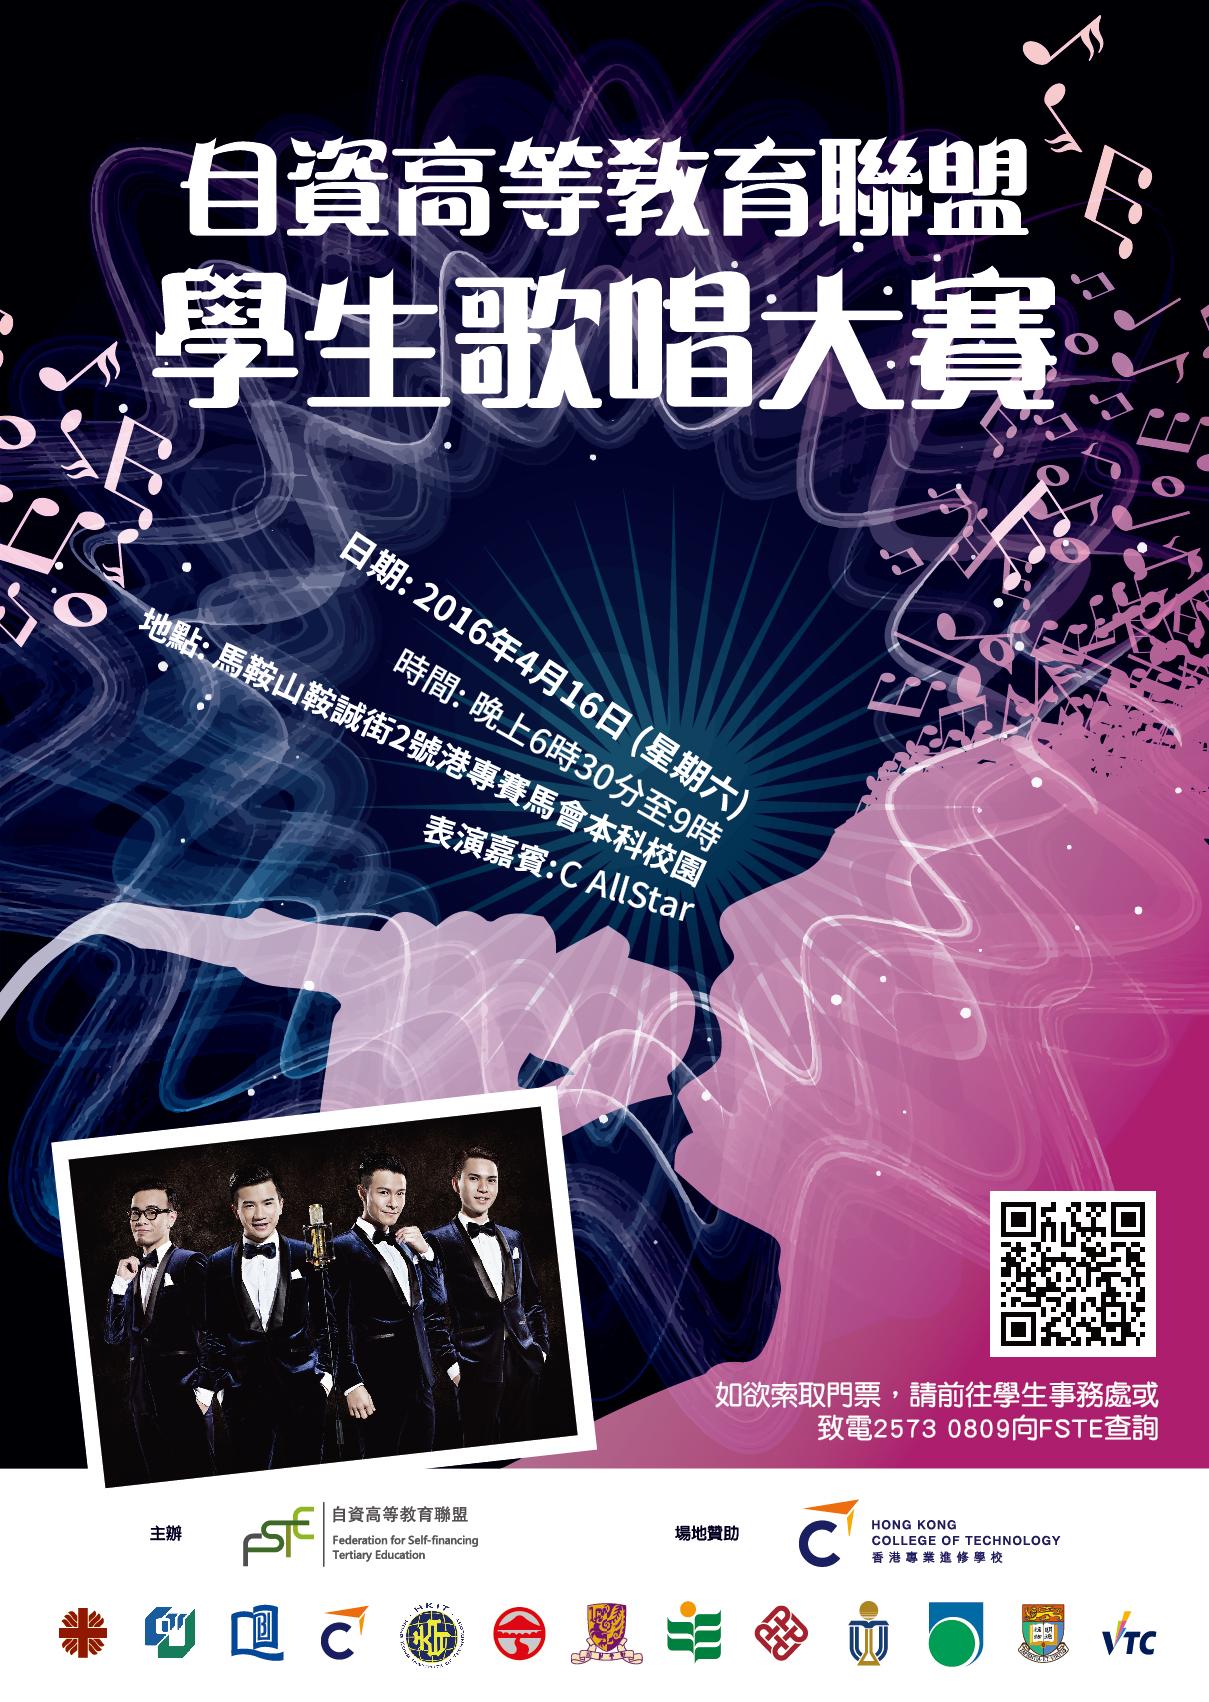 poster_v1_2016118-04